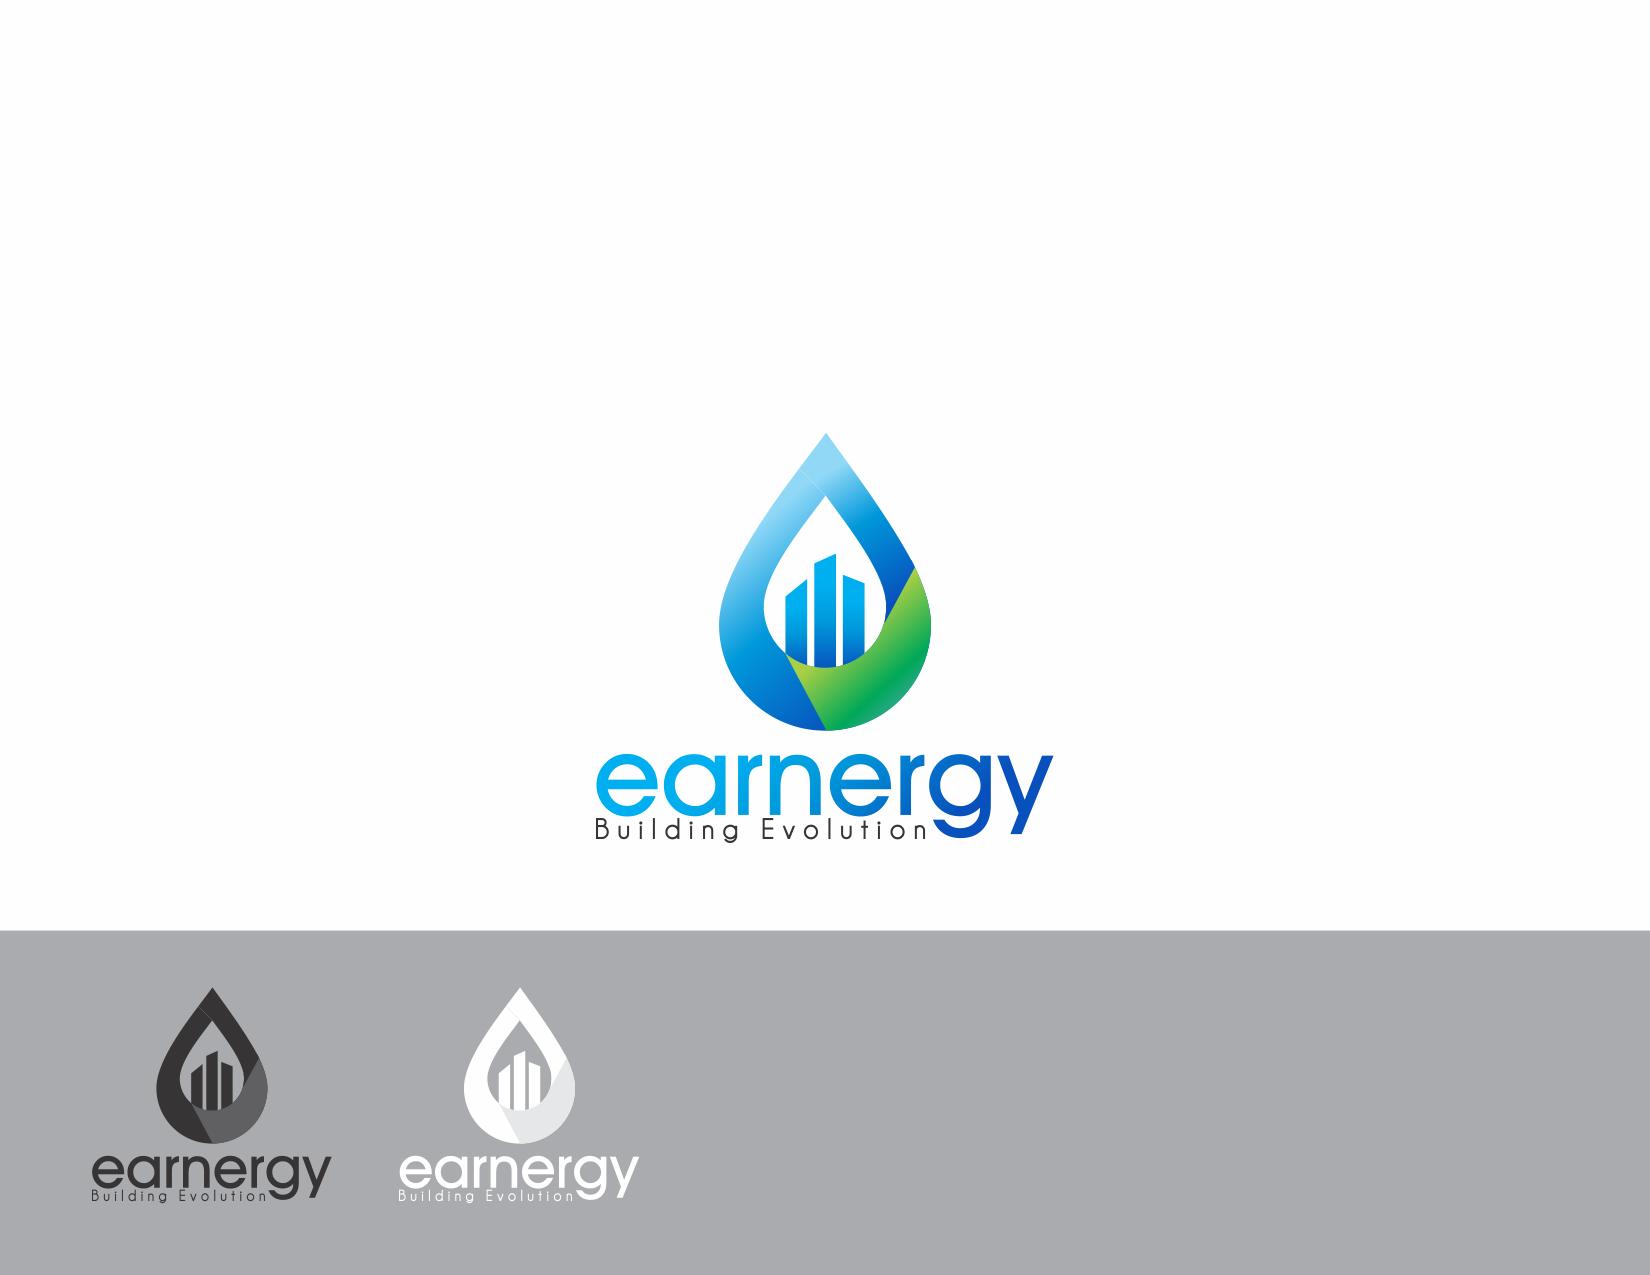 logo for earnergy